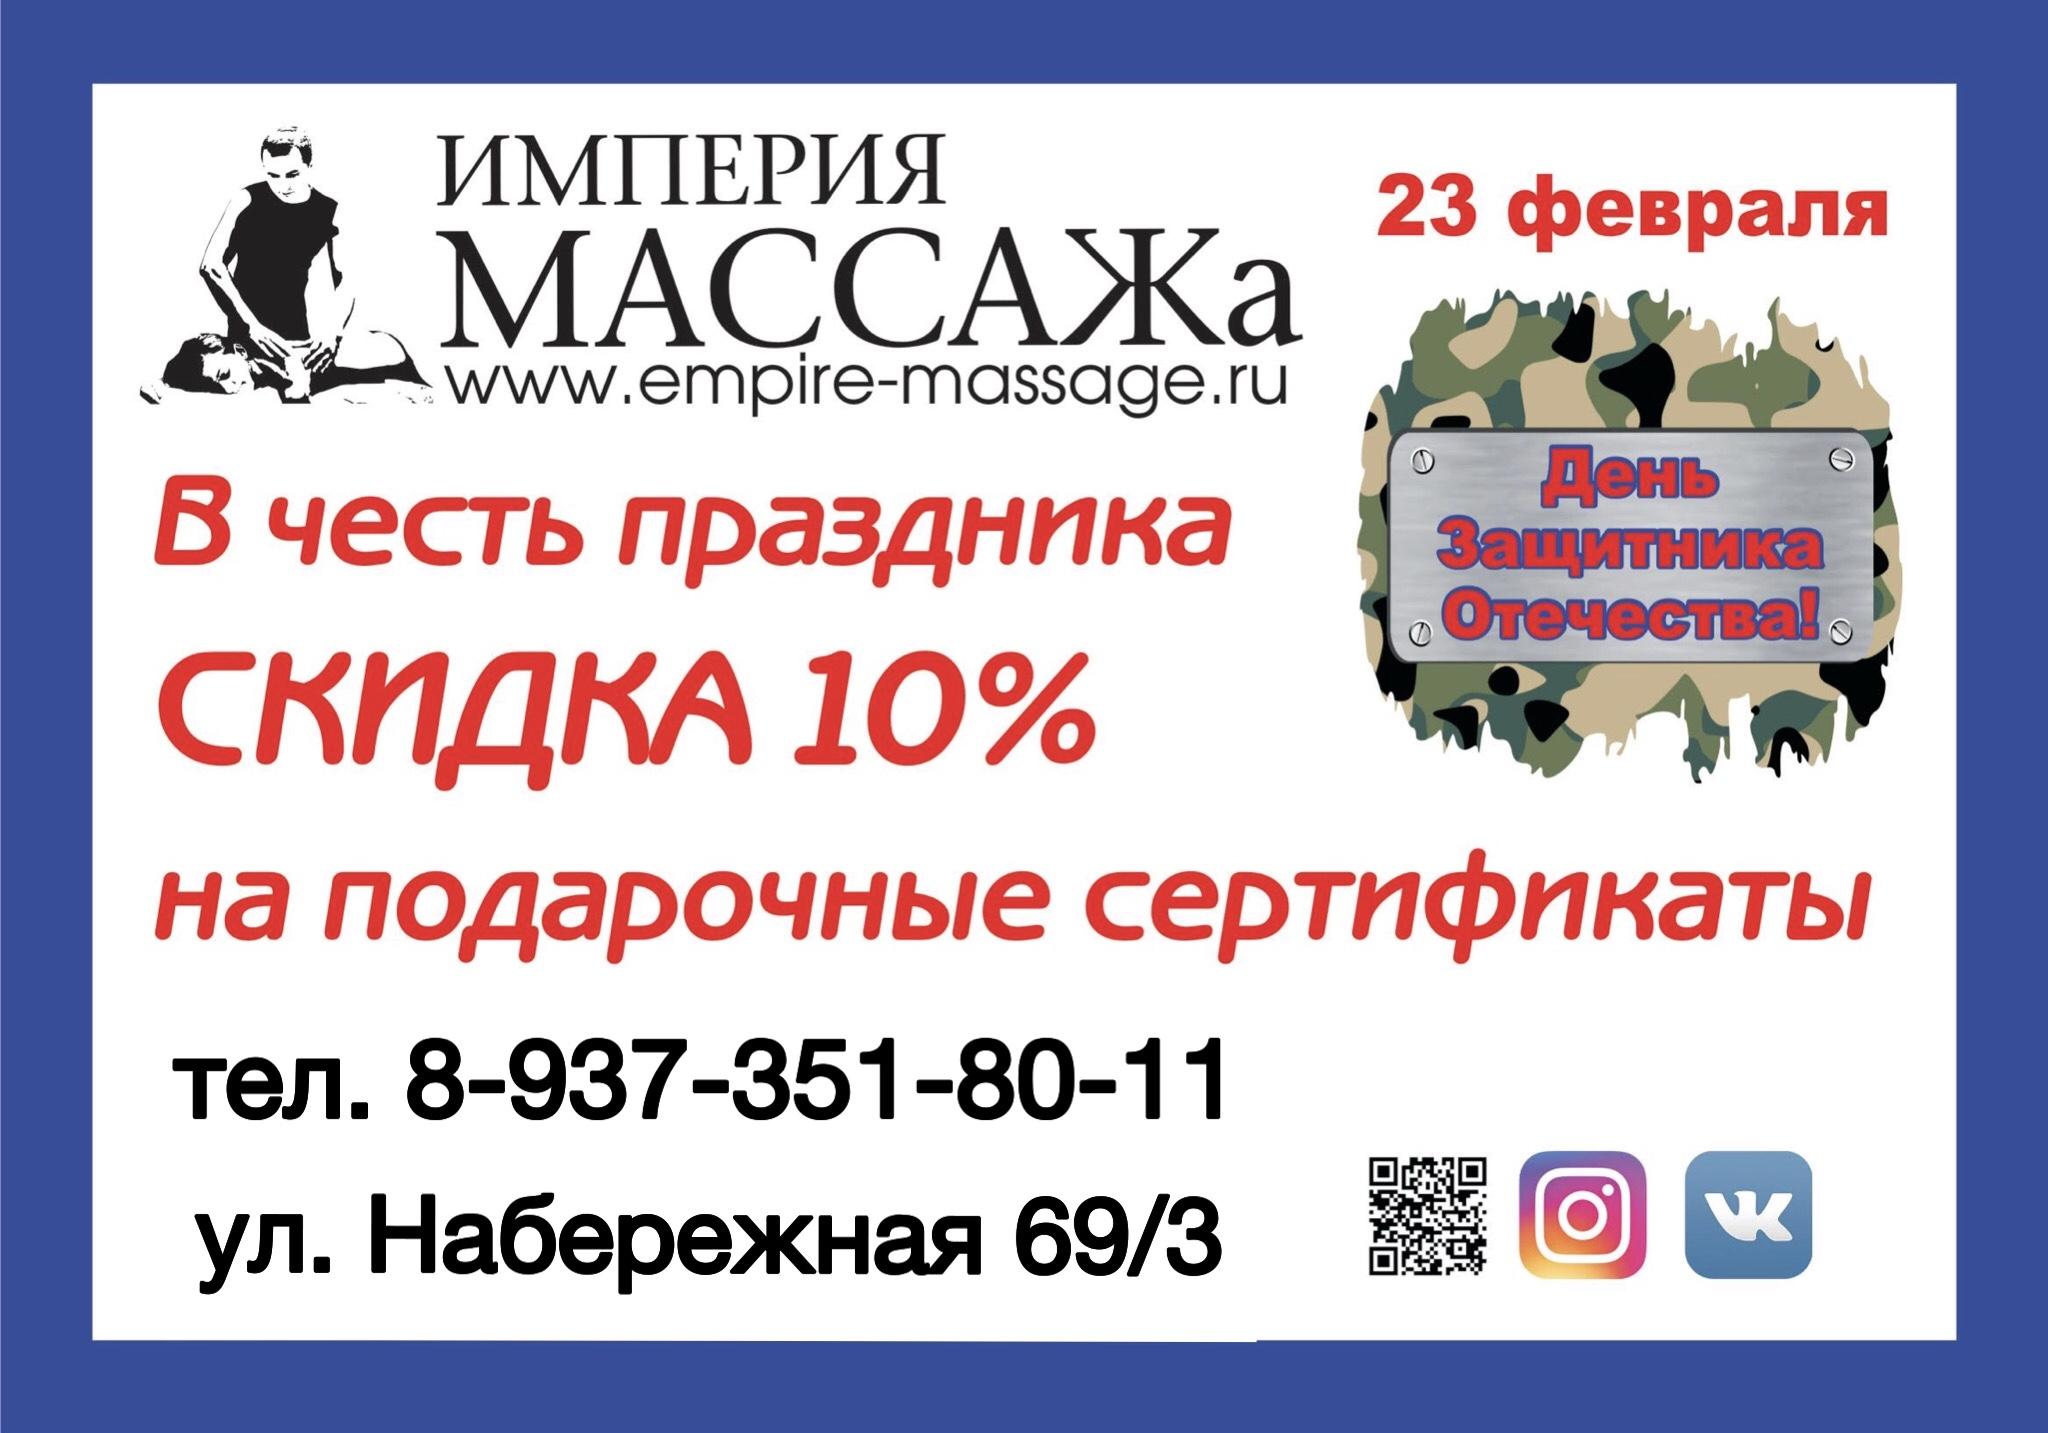 подарочный сертификат на 23 февраля